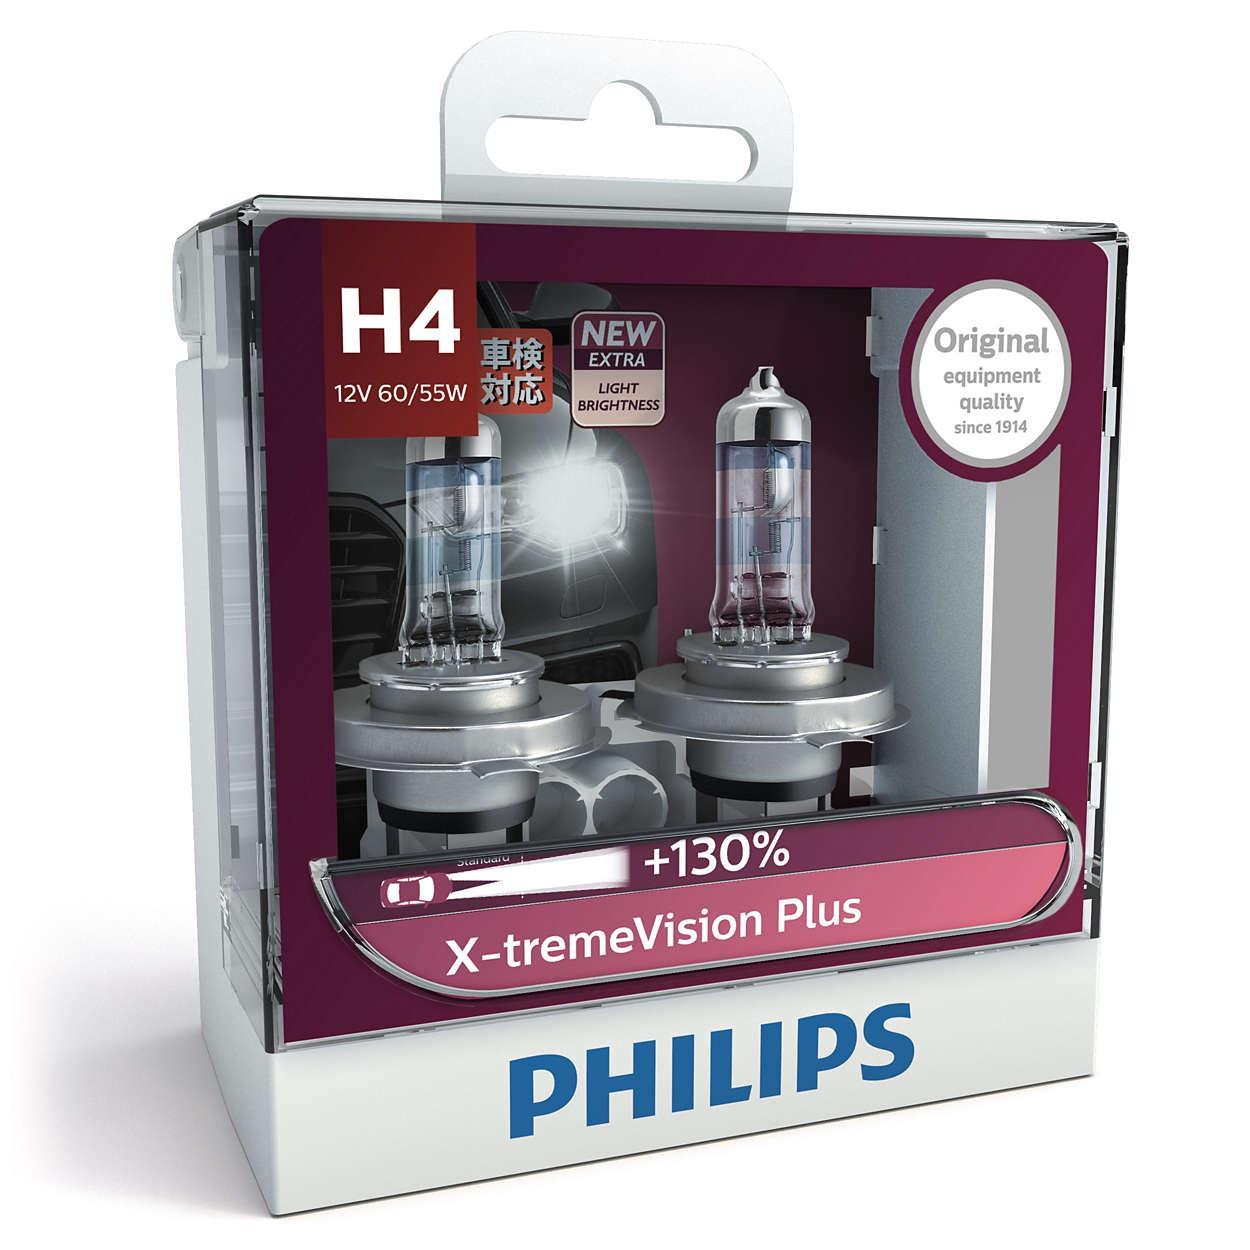 Offer Khuyến Mãi Đèn Pha Ôtô Philips X-treme Vision Plus 3700K, Tăng Sáng 130% Chân H1 - H4 - H7